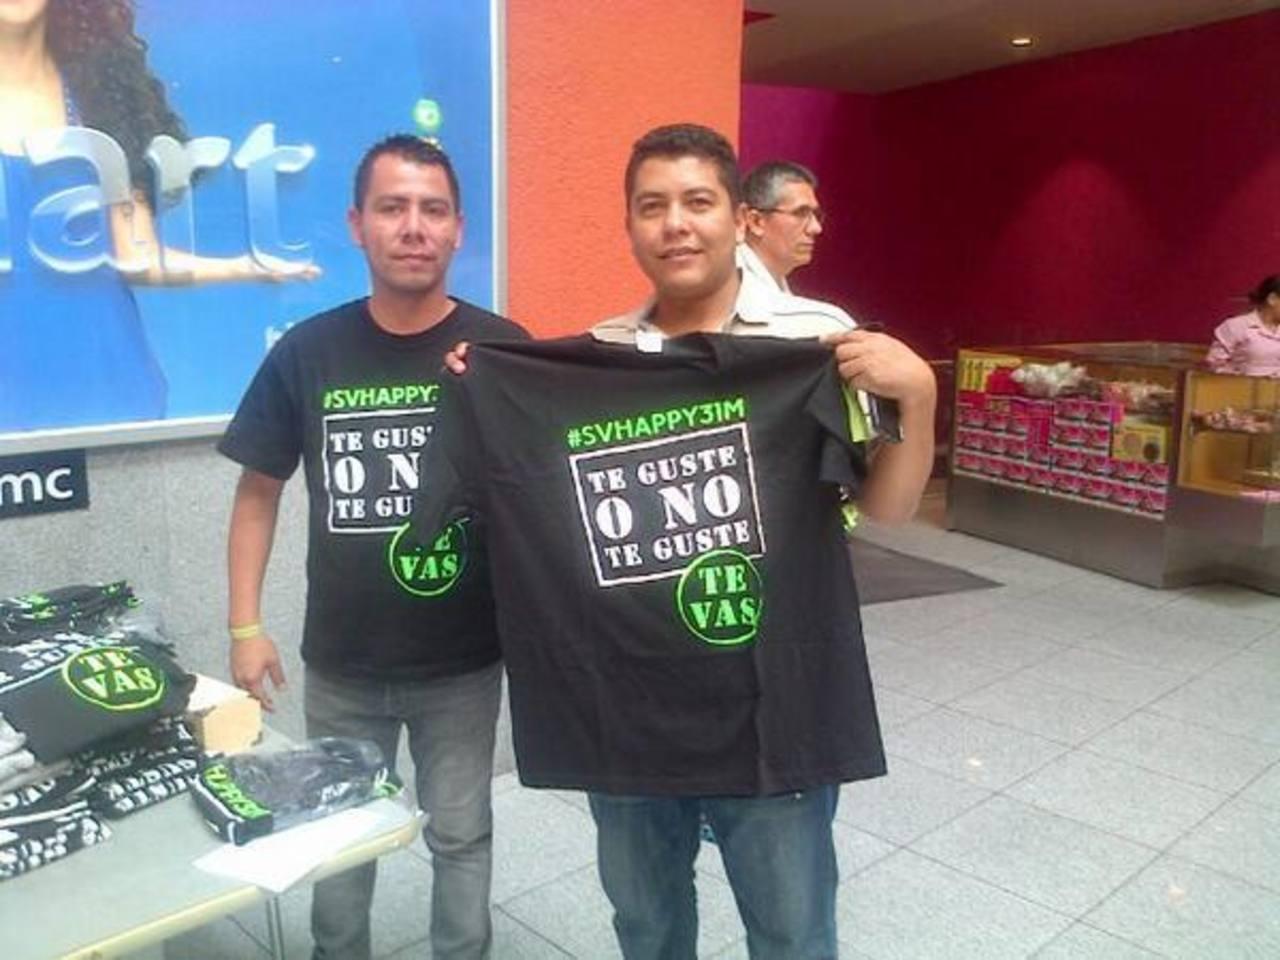 Los promotores venden camisetas a $10.00